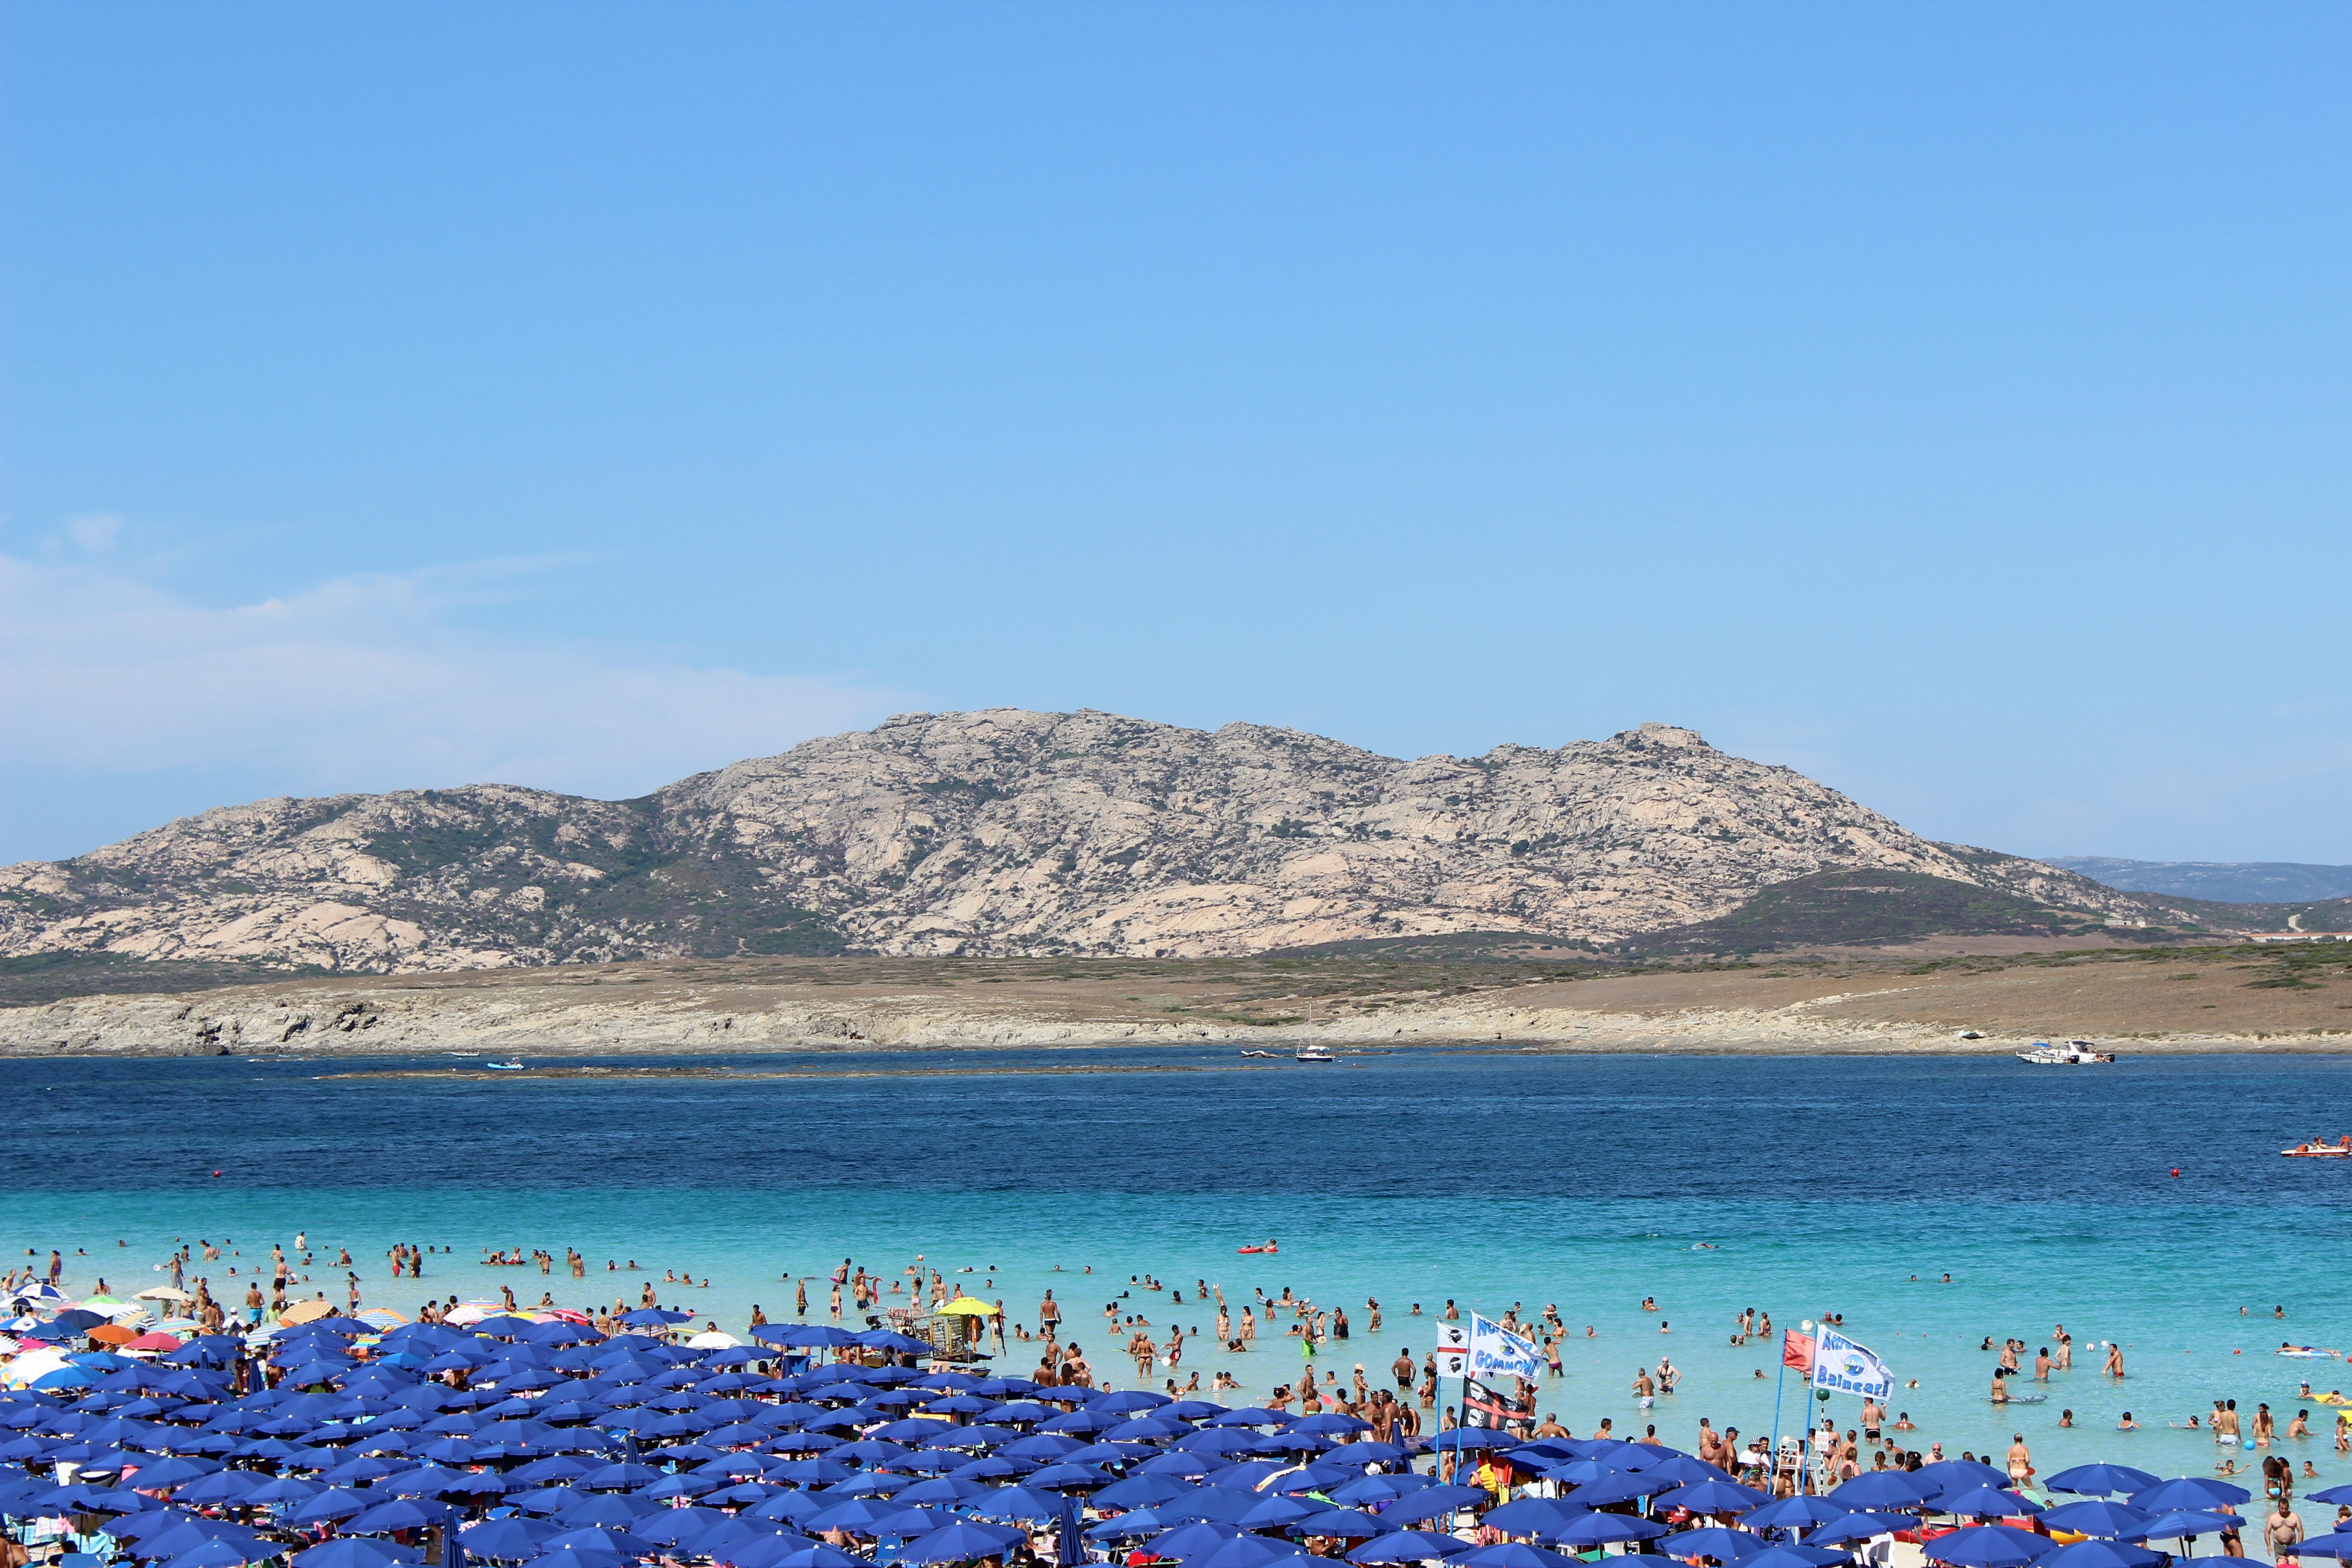 La plage de Stintino